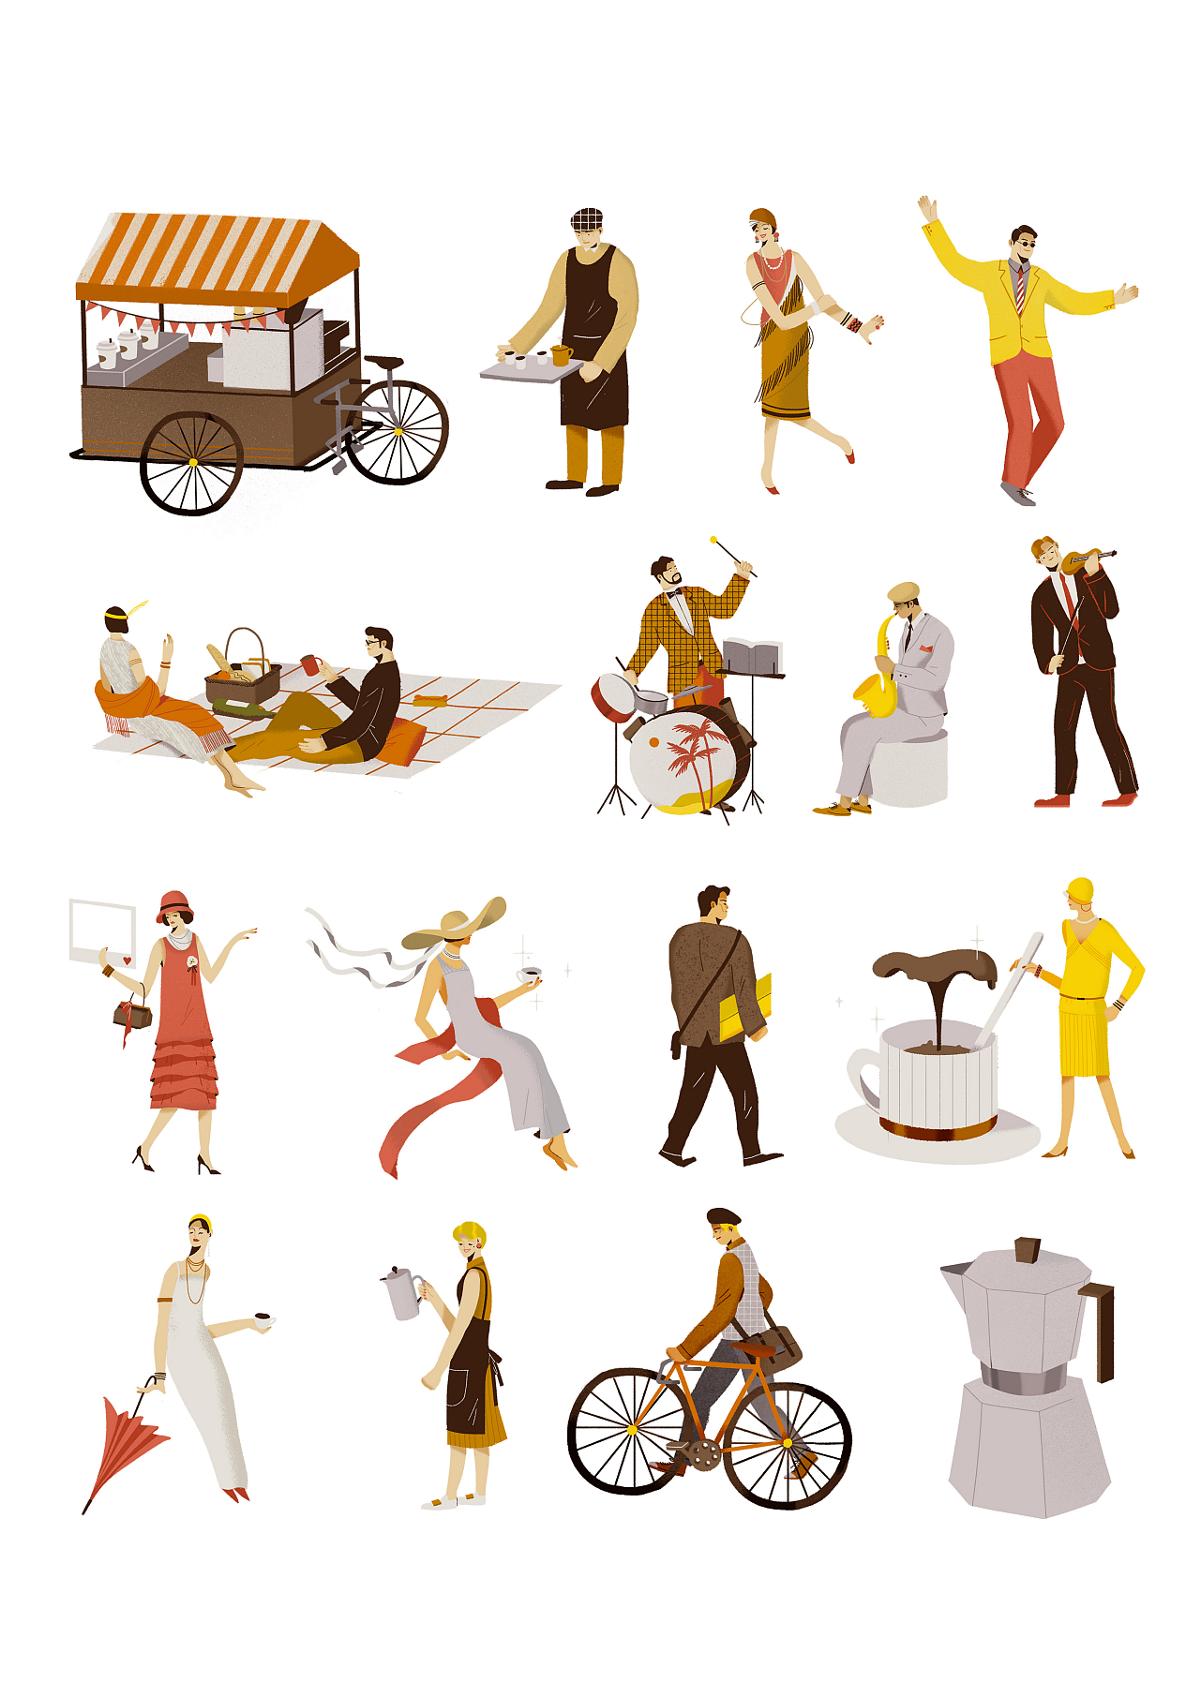 咖啡音乐节—插画欣赏